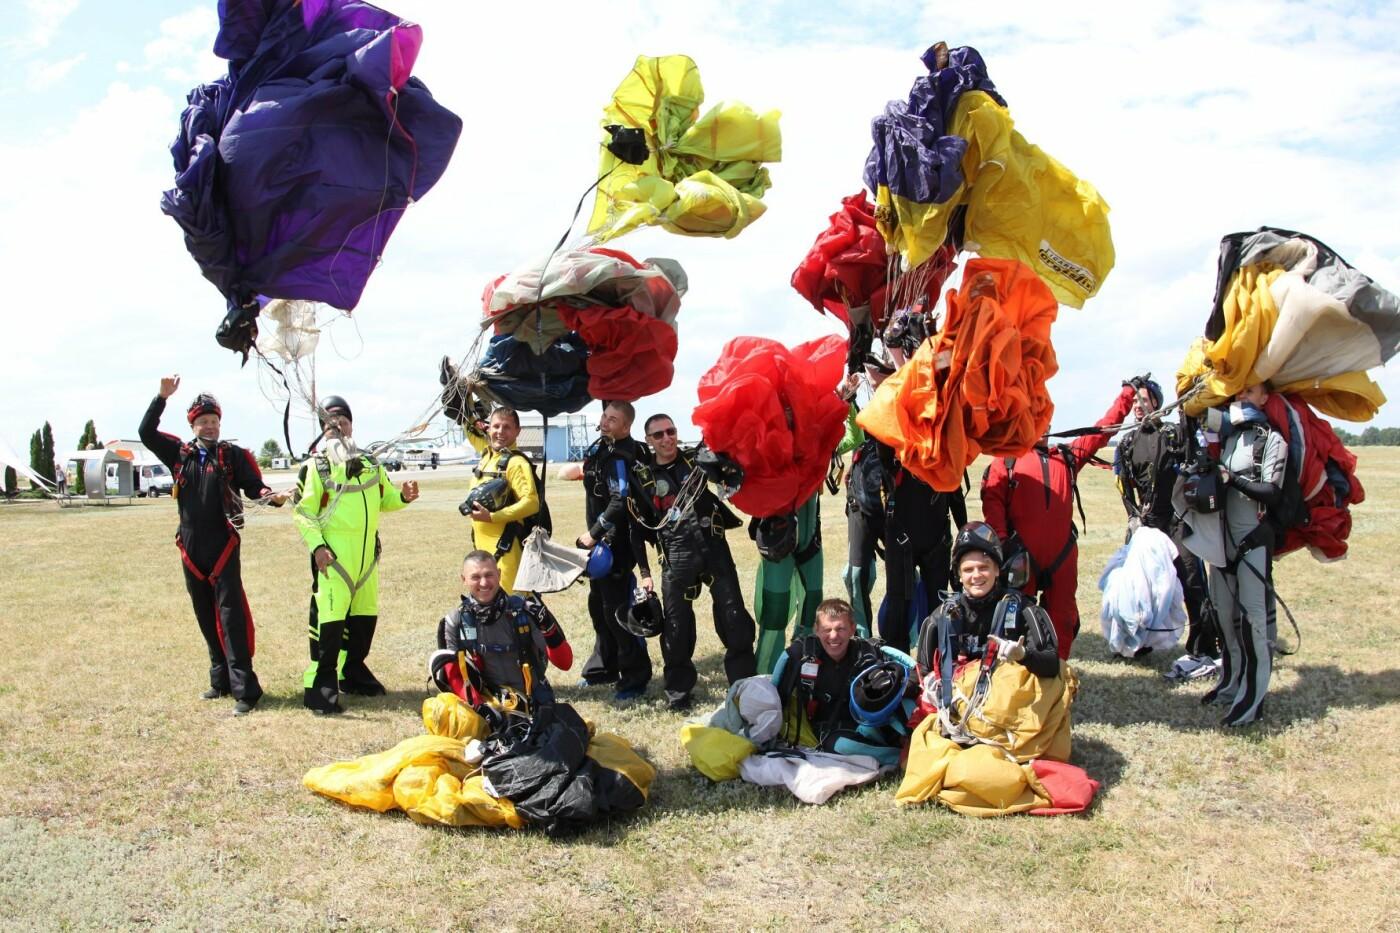 Активный отдых в Днепре - прыжки с парашюта, водный спорт, прокат и аренда транспорта , фото-5